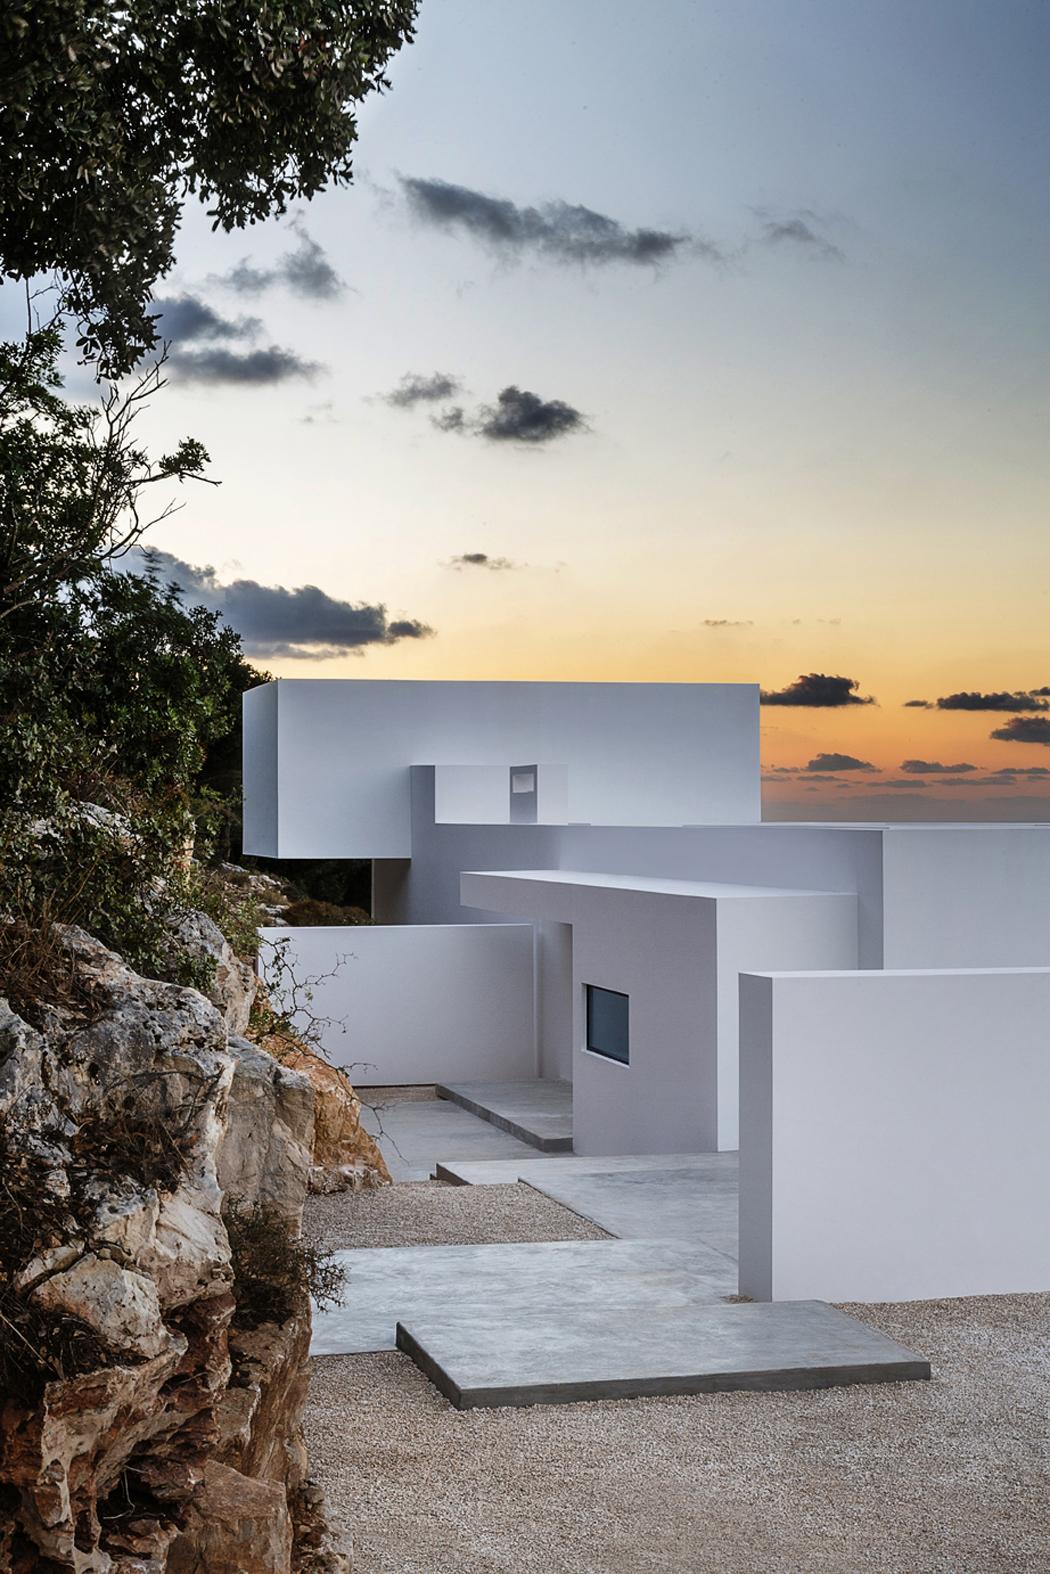 Magnifique villa contemporaine en gr ce avec vue imprenable sur la mer vivons maison - Villa de vacances exotiques island views ...